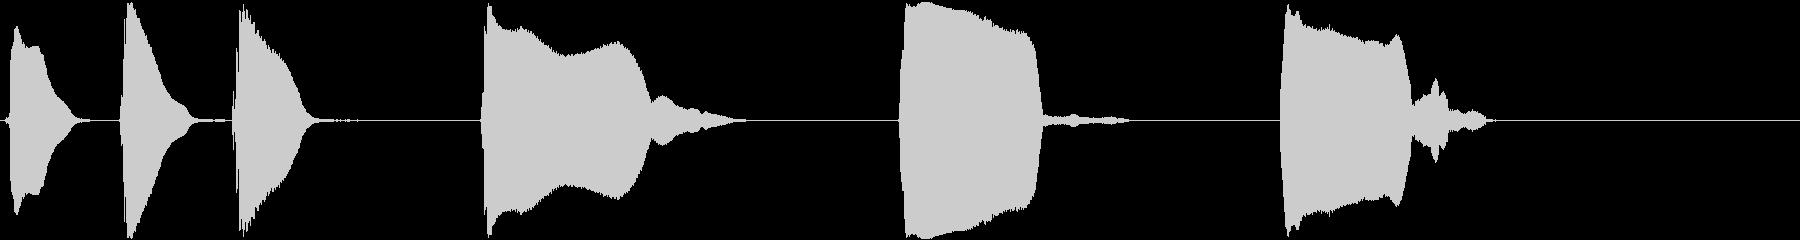 トランペット:ウォークアップアクセ...の未再生の波形